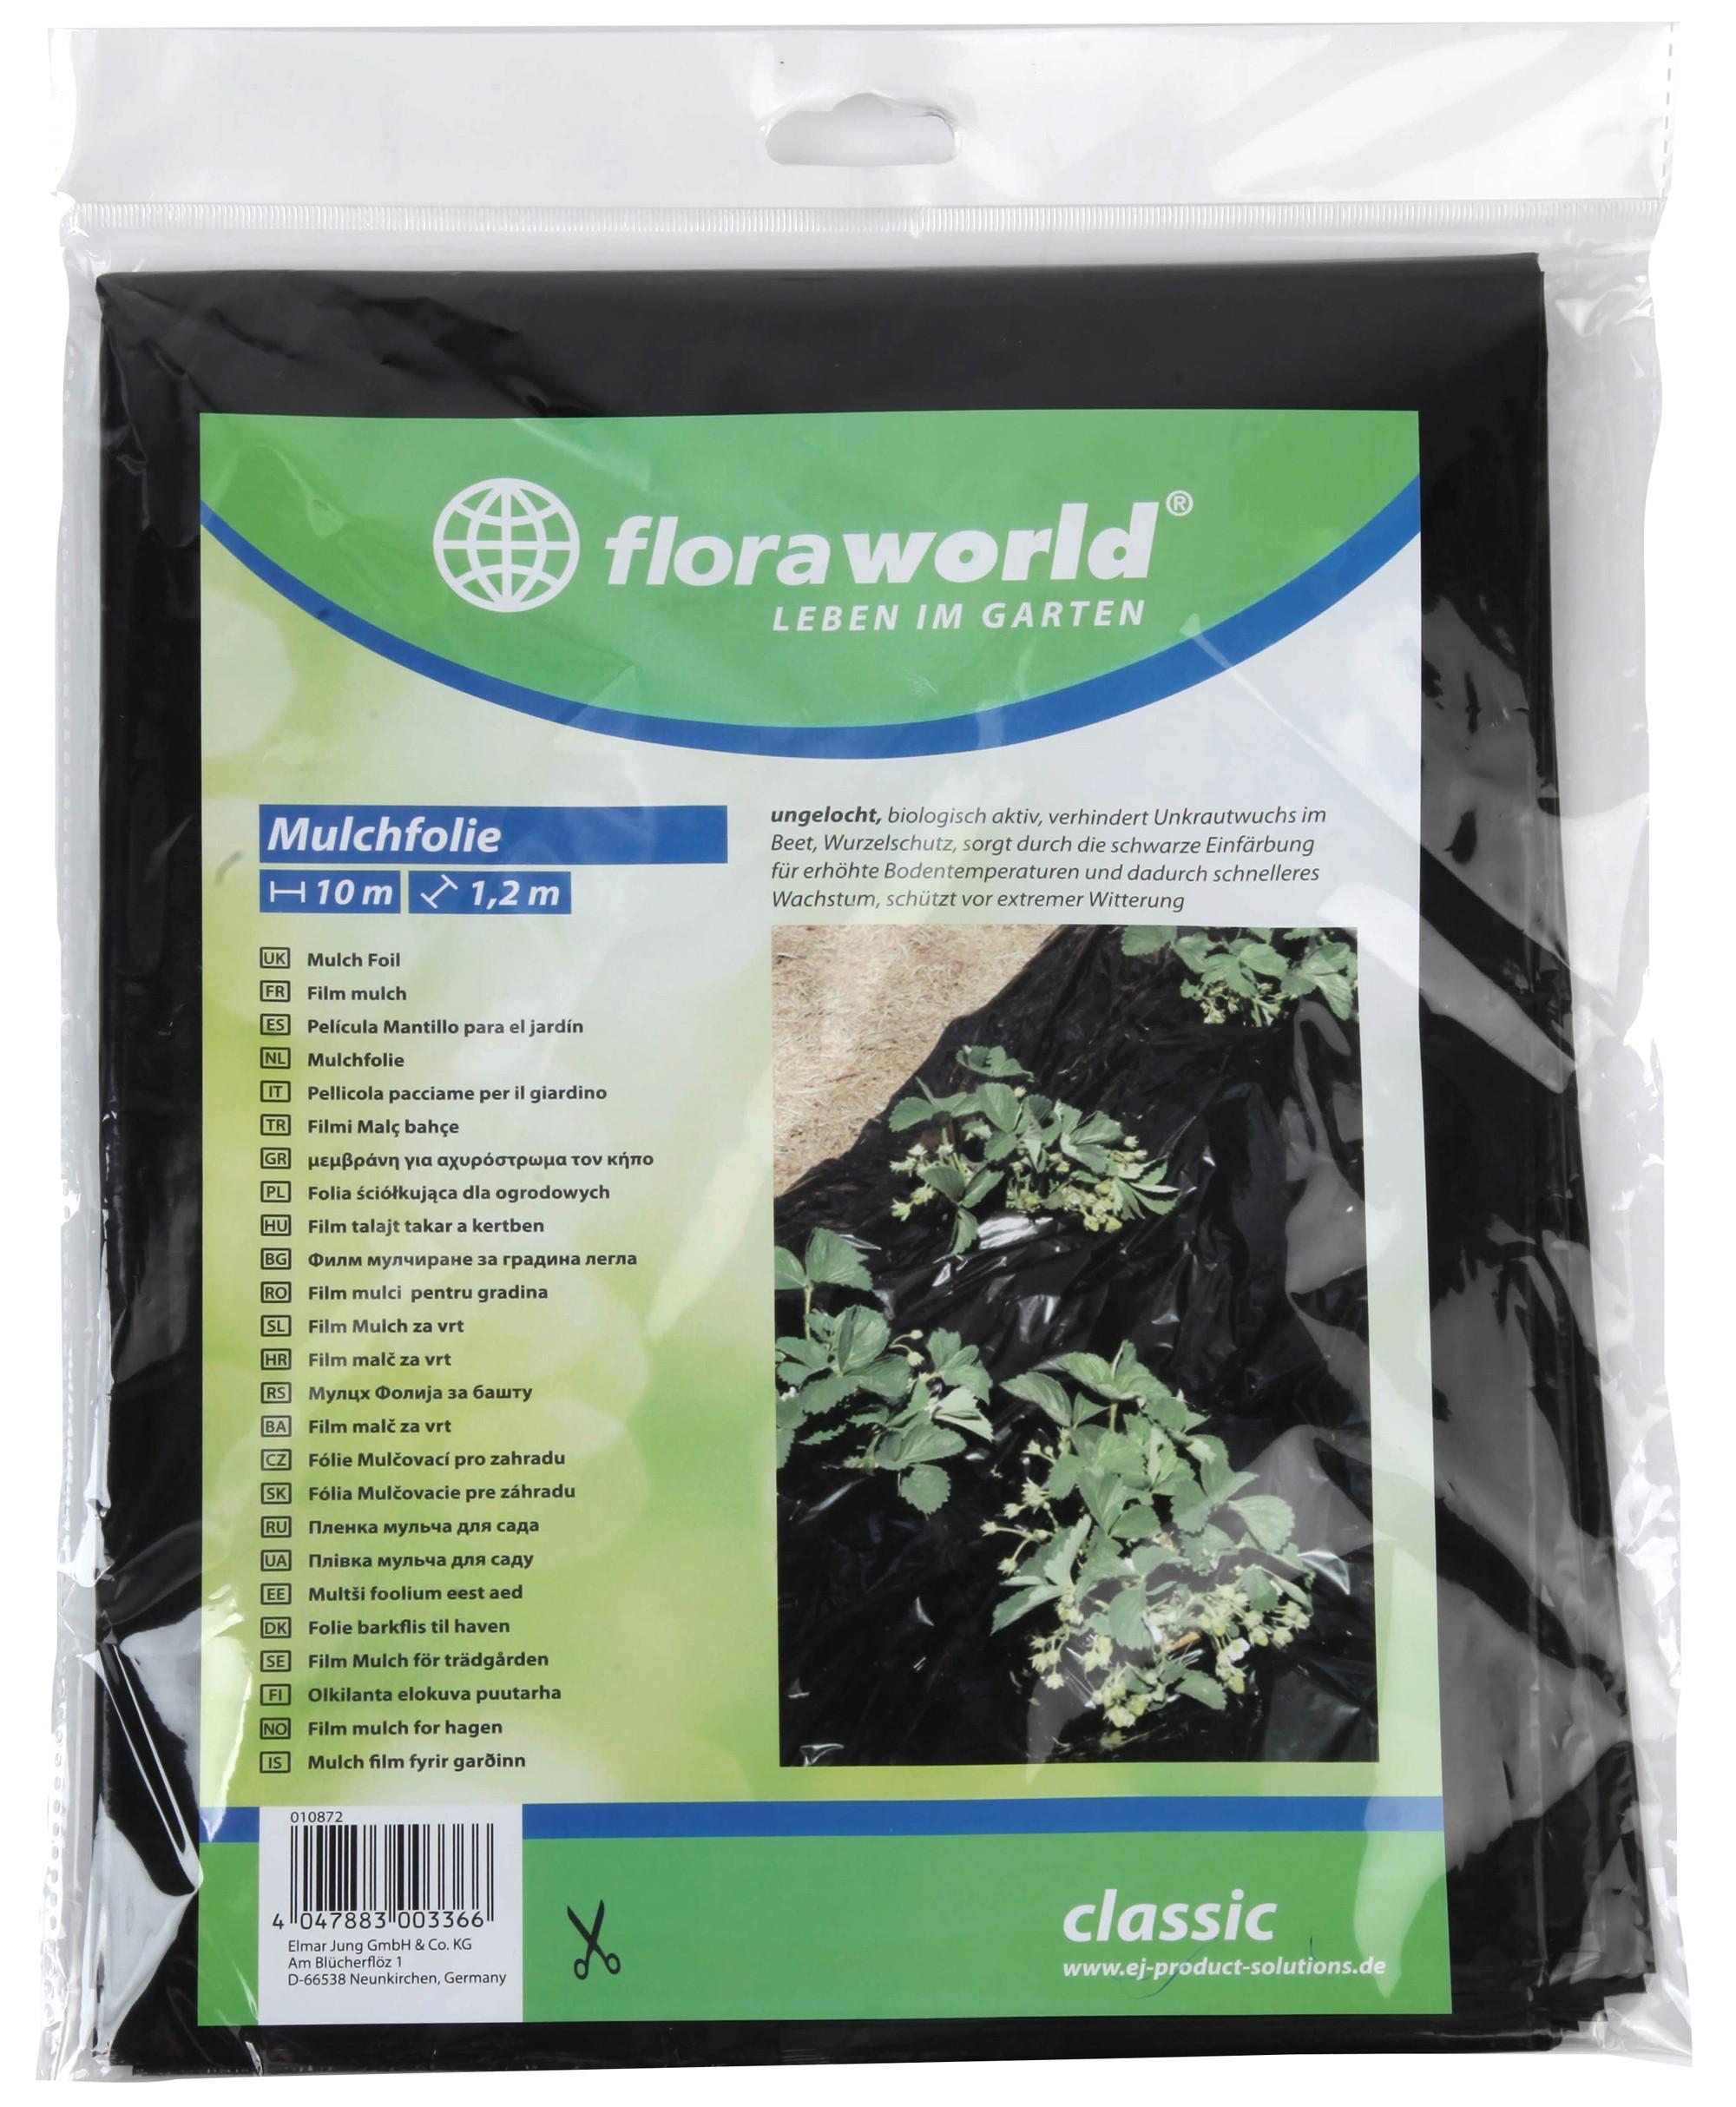 Mulch Folie ungelocht classic floraworld 10x1,2m schwarz Bild 1